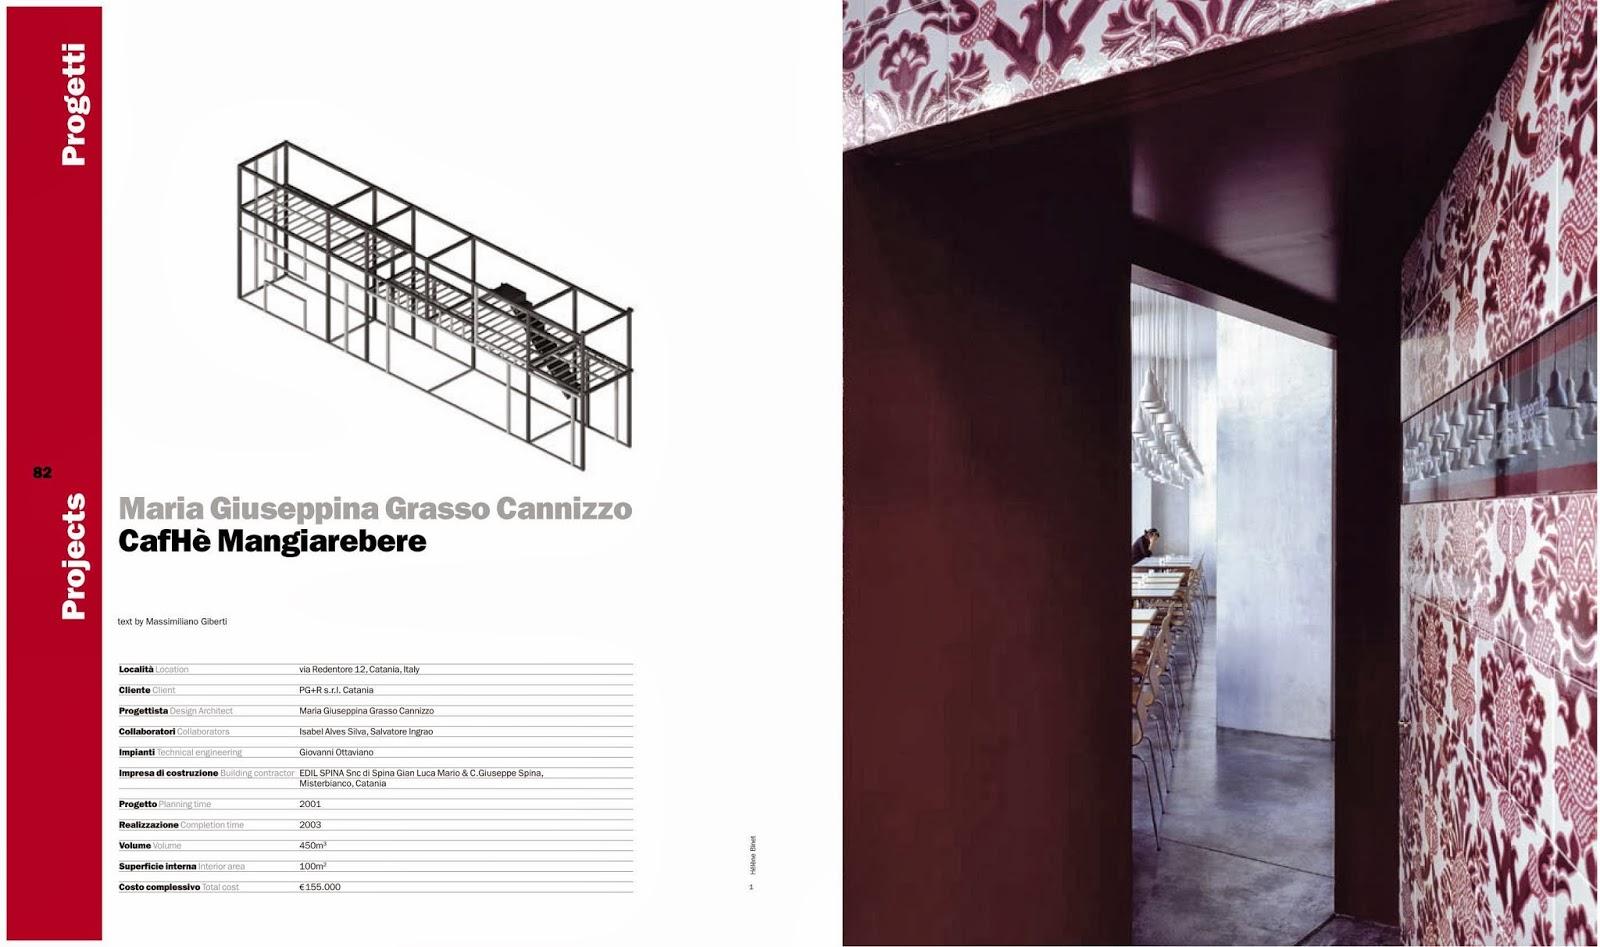 Imprese Di Costruzioni Catania architecture library: cafhè mangiarebere ; catania, italy.